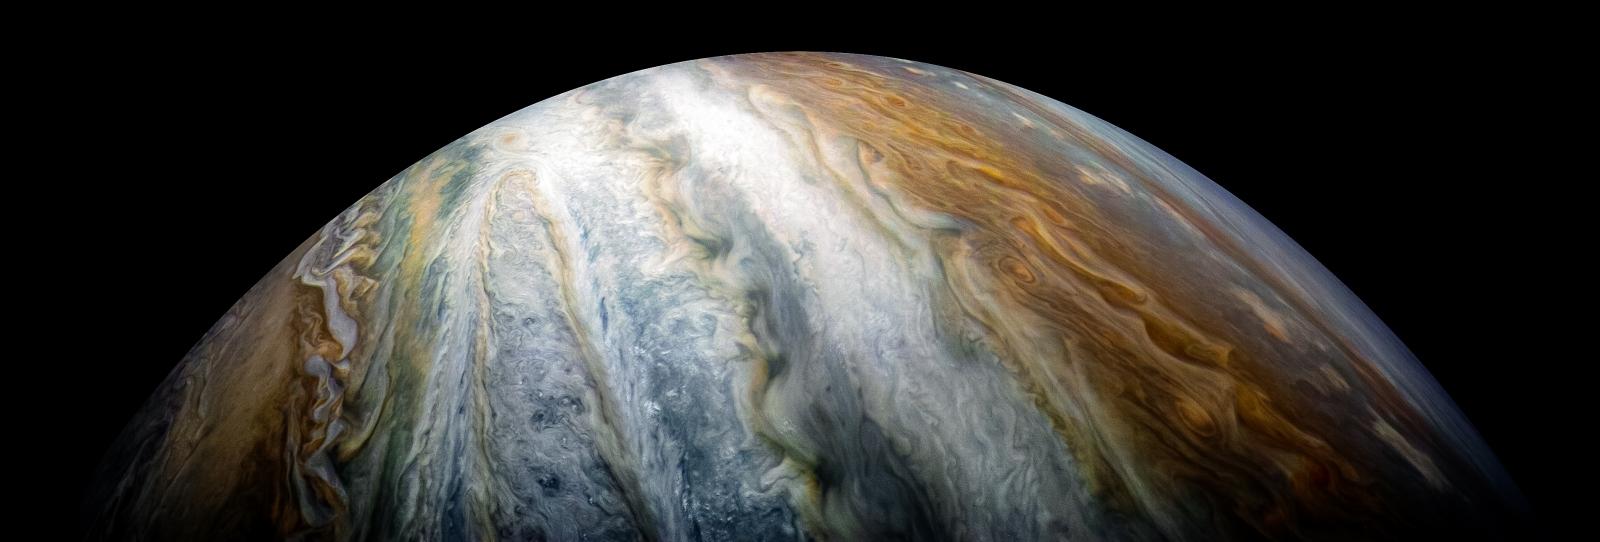 Jupiter cloud belts